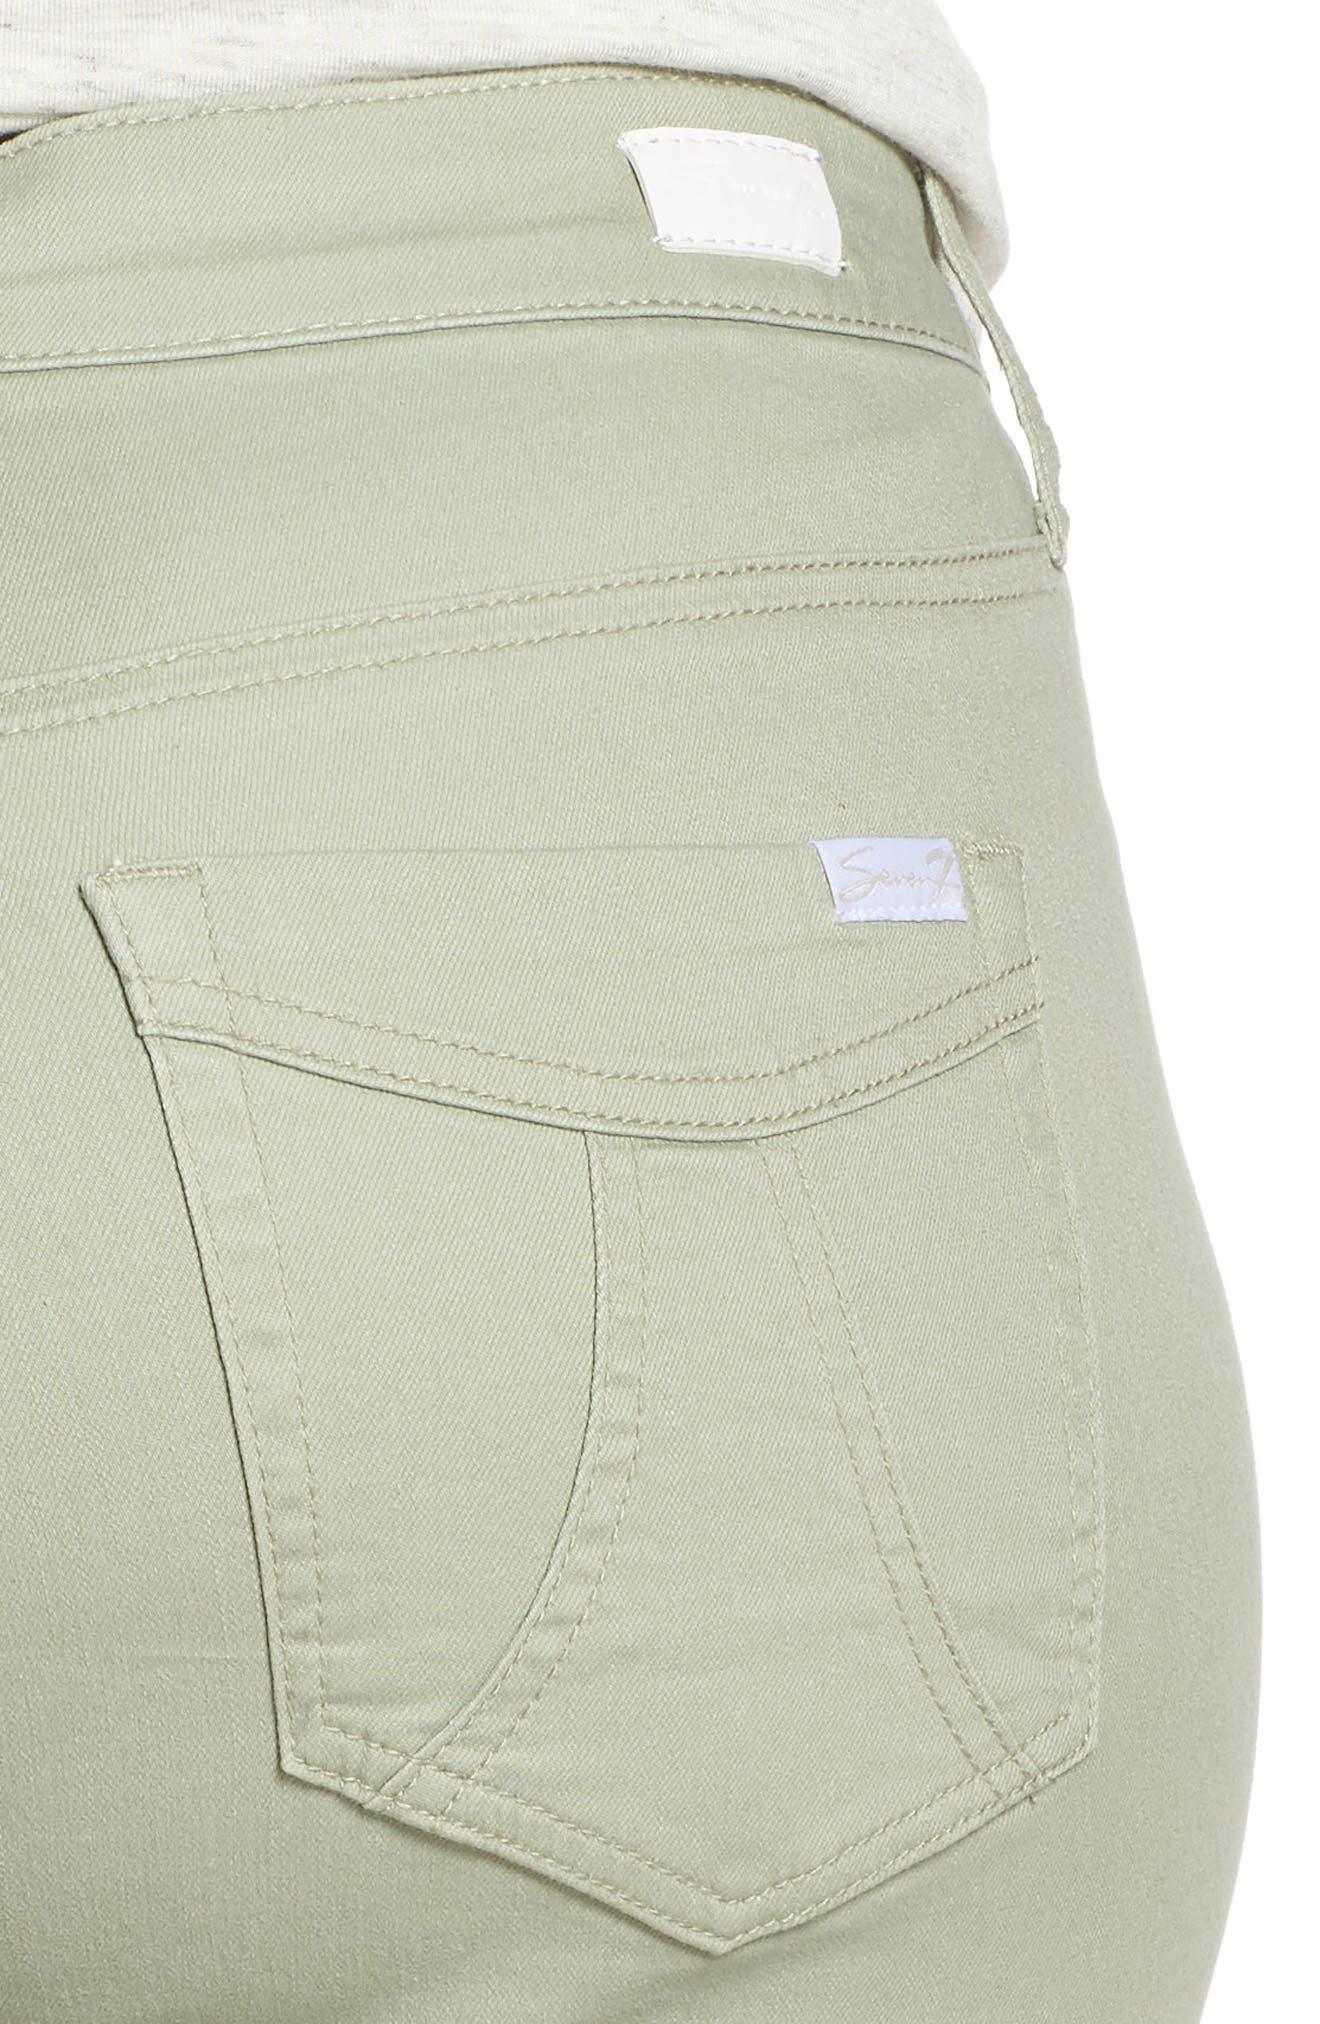 SEVEN7,                             Weekend Bermuda Shorts,                             Alternate thumbnail 5, color,                             SLATE GRAY